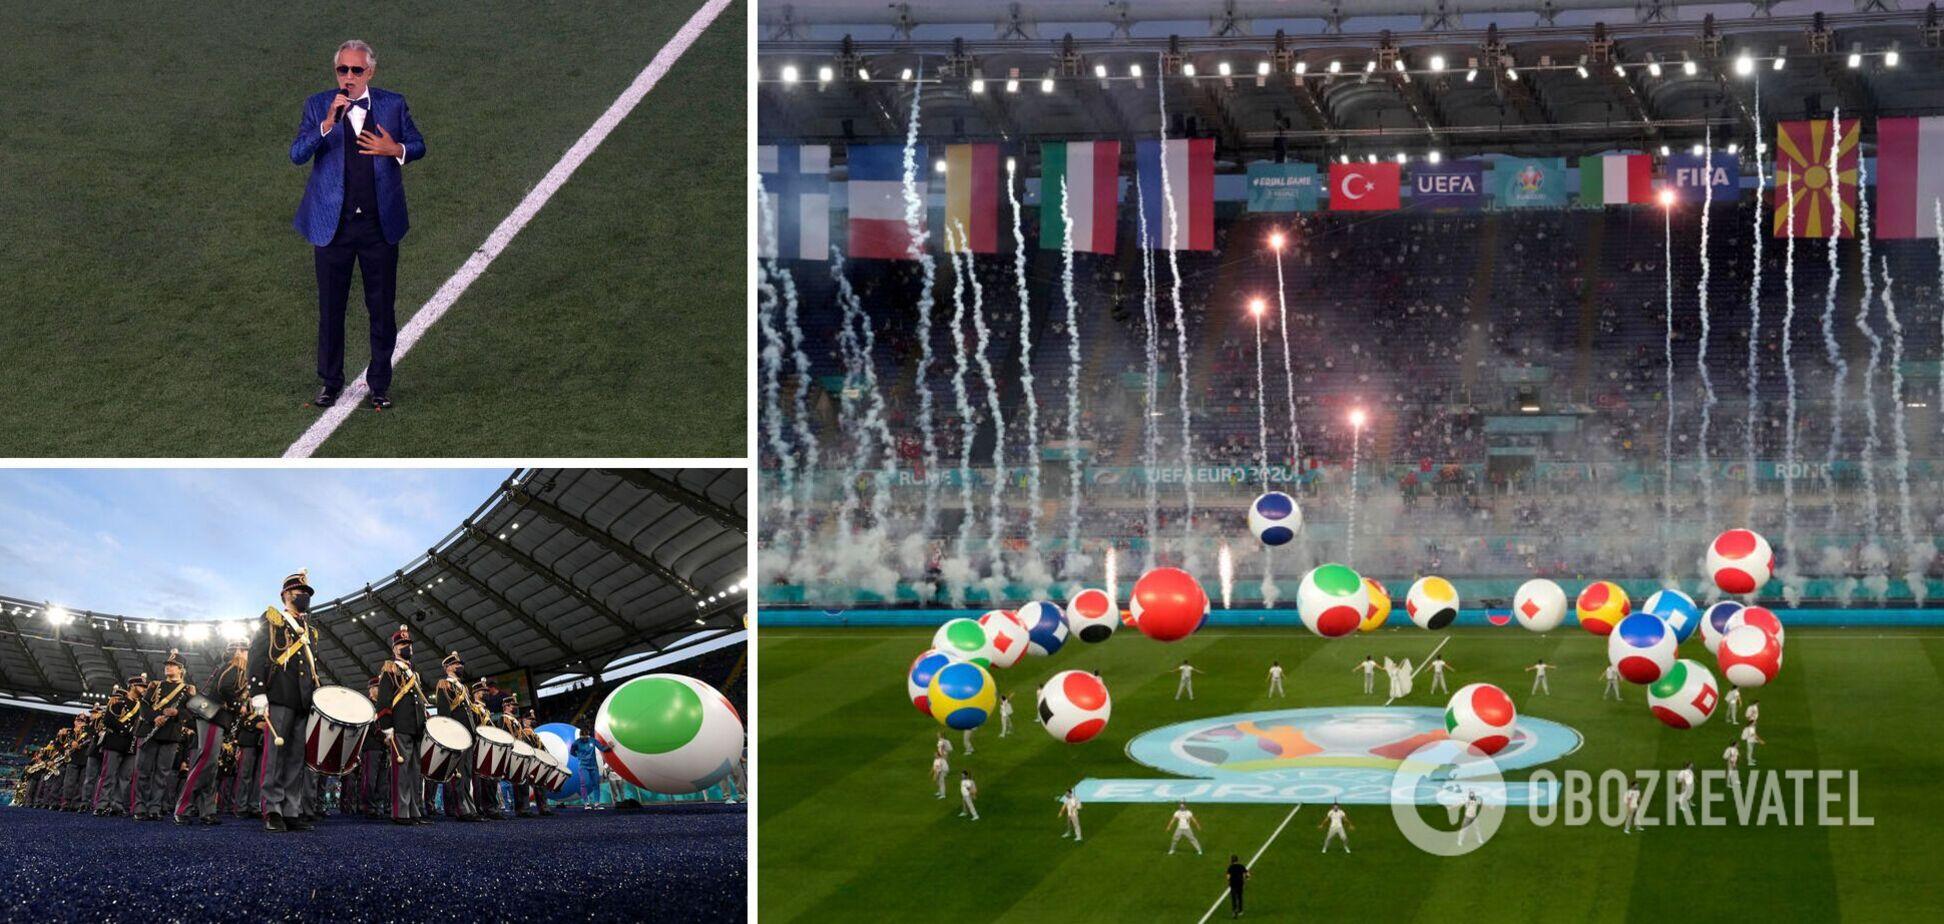 Церемония открытия Евро-2020 прошла в Риме